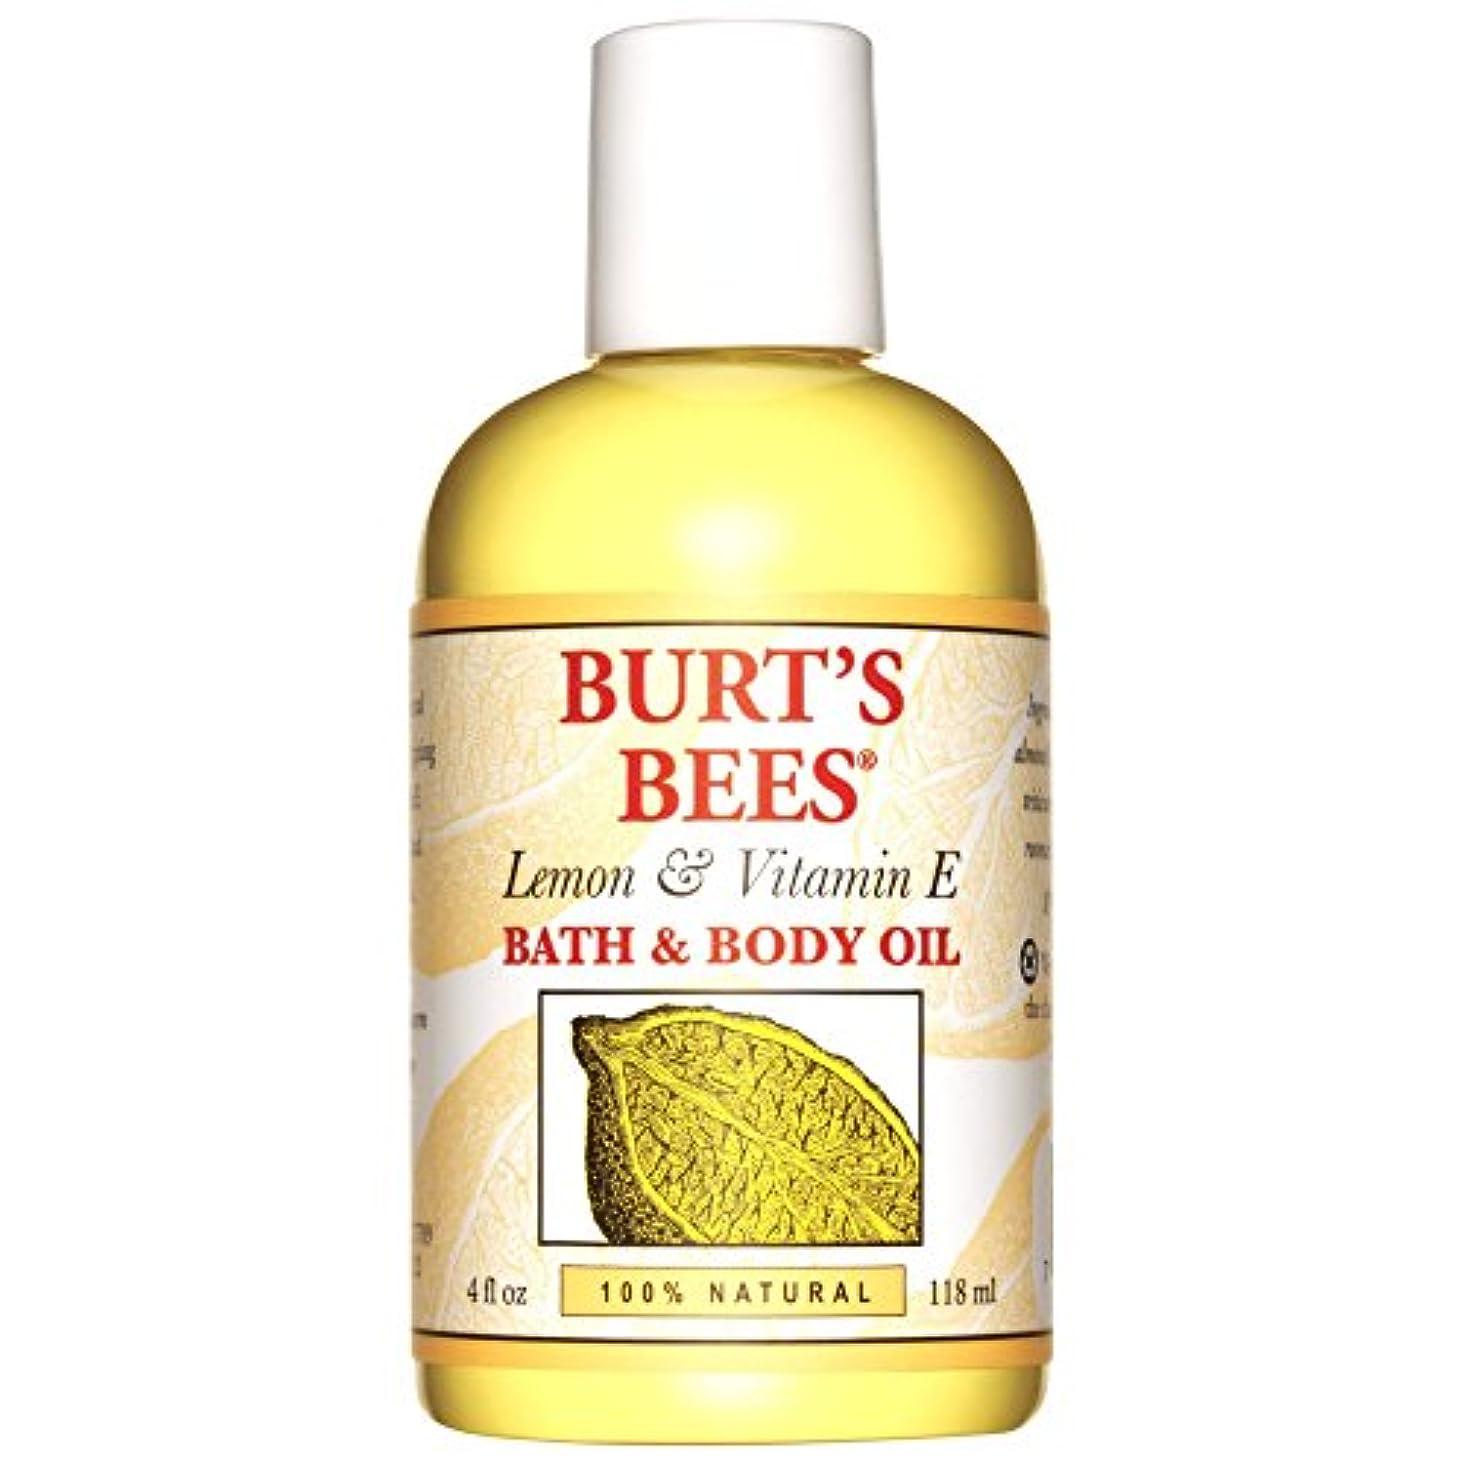 沿って農民驚きバーツビーレモンとビタミンEバス、ボディオイル118ミリリットル (Burt's Bees) - Burt's Bees Lemon and Vitamin E Bath and Body Oil 118ml [並行輸入品]